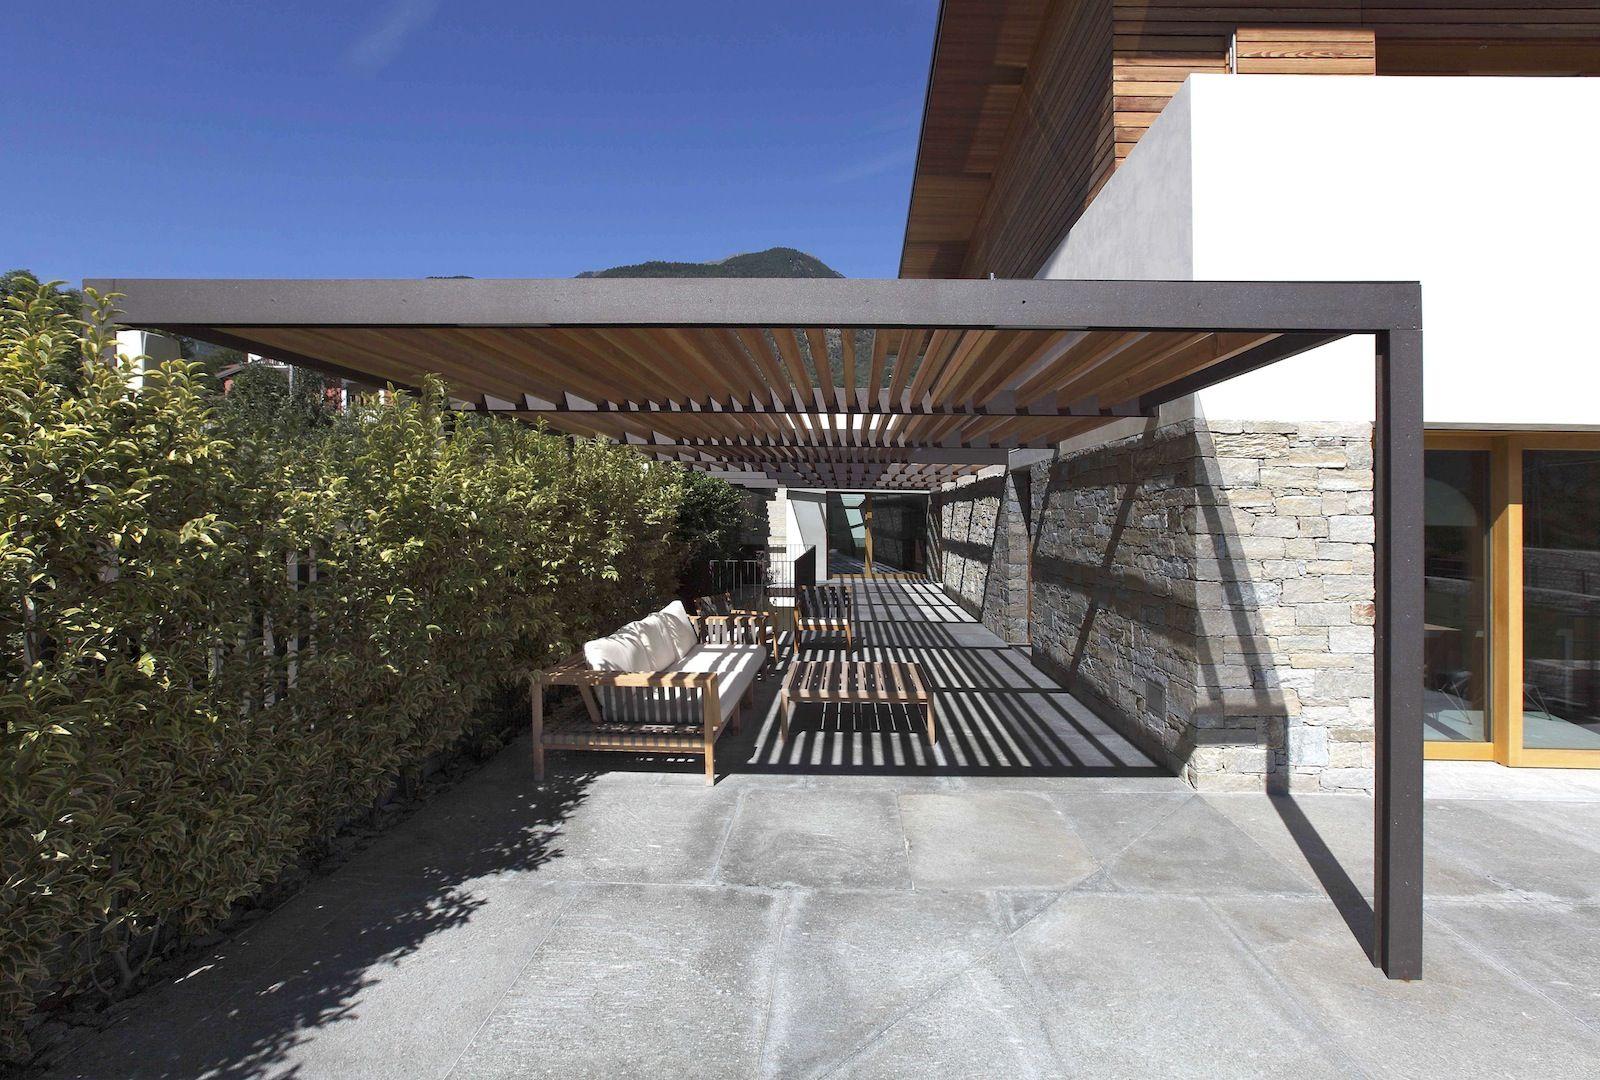 House in valtellina lfl architetti lfl architects for Architettura giardini